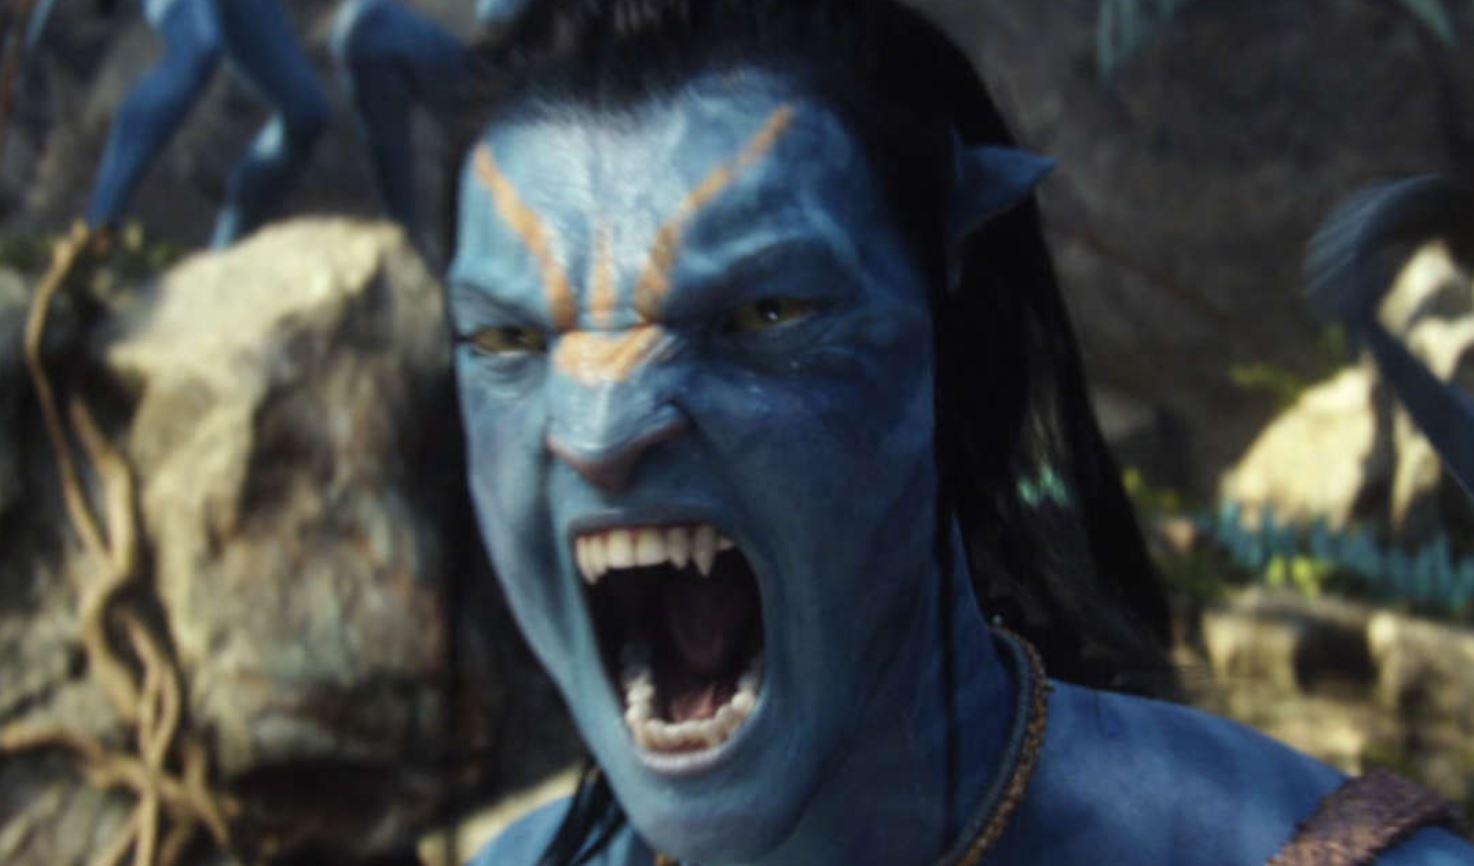 Banyak Sekuel Film yang Akan Rilis di Tahun 2021, Apa Aja Yah?!